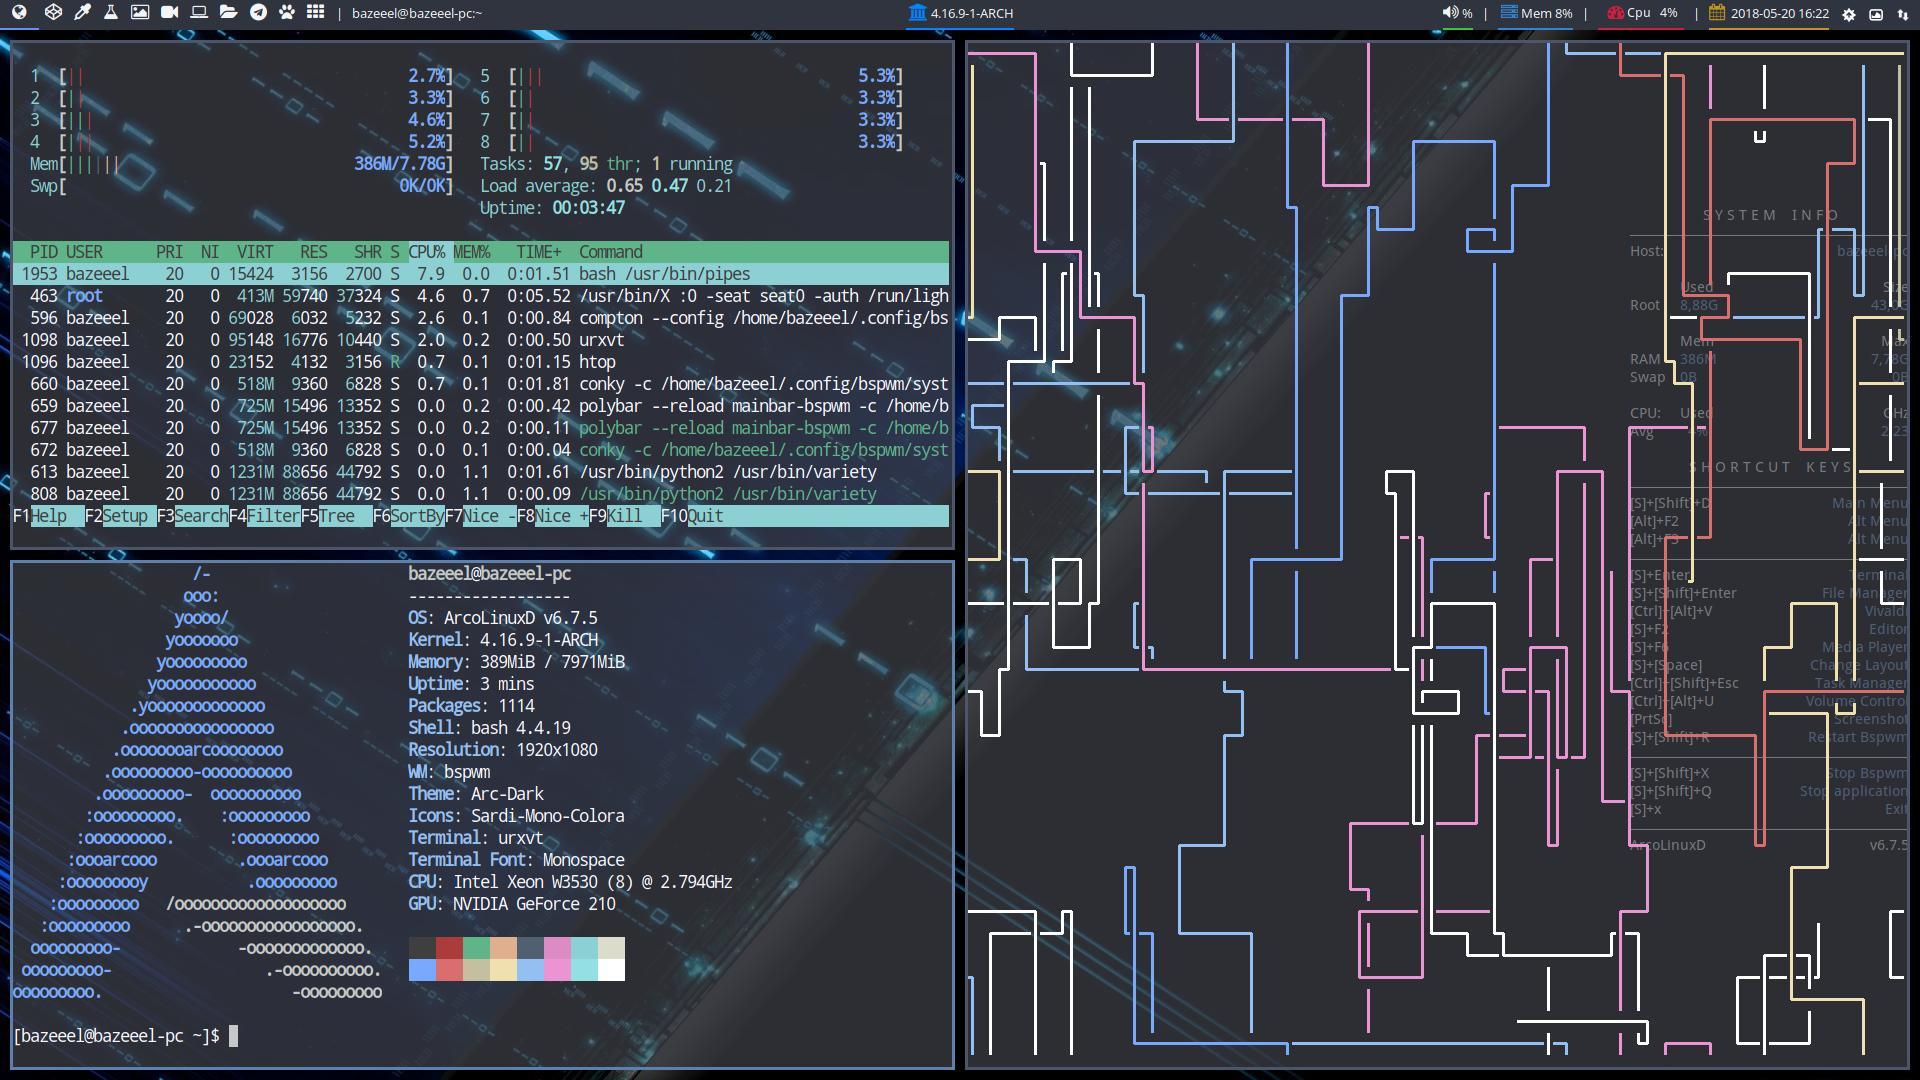 ArcoLinuxD 6.8